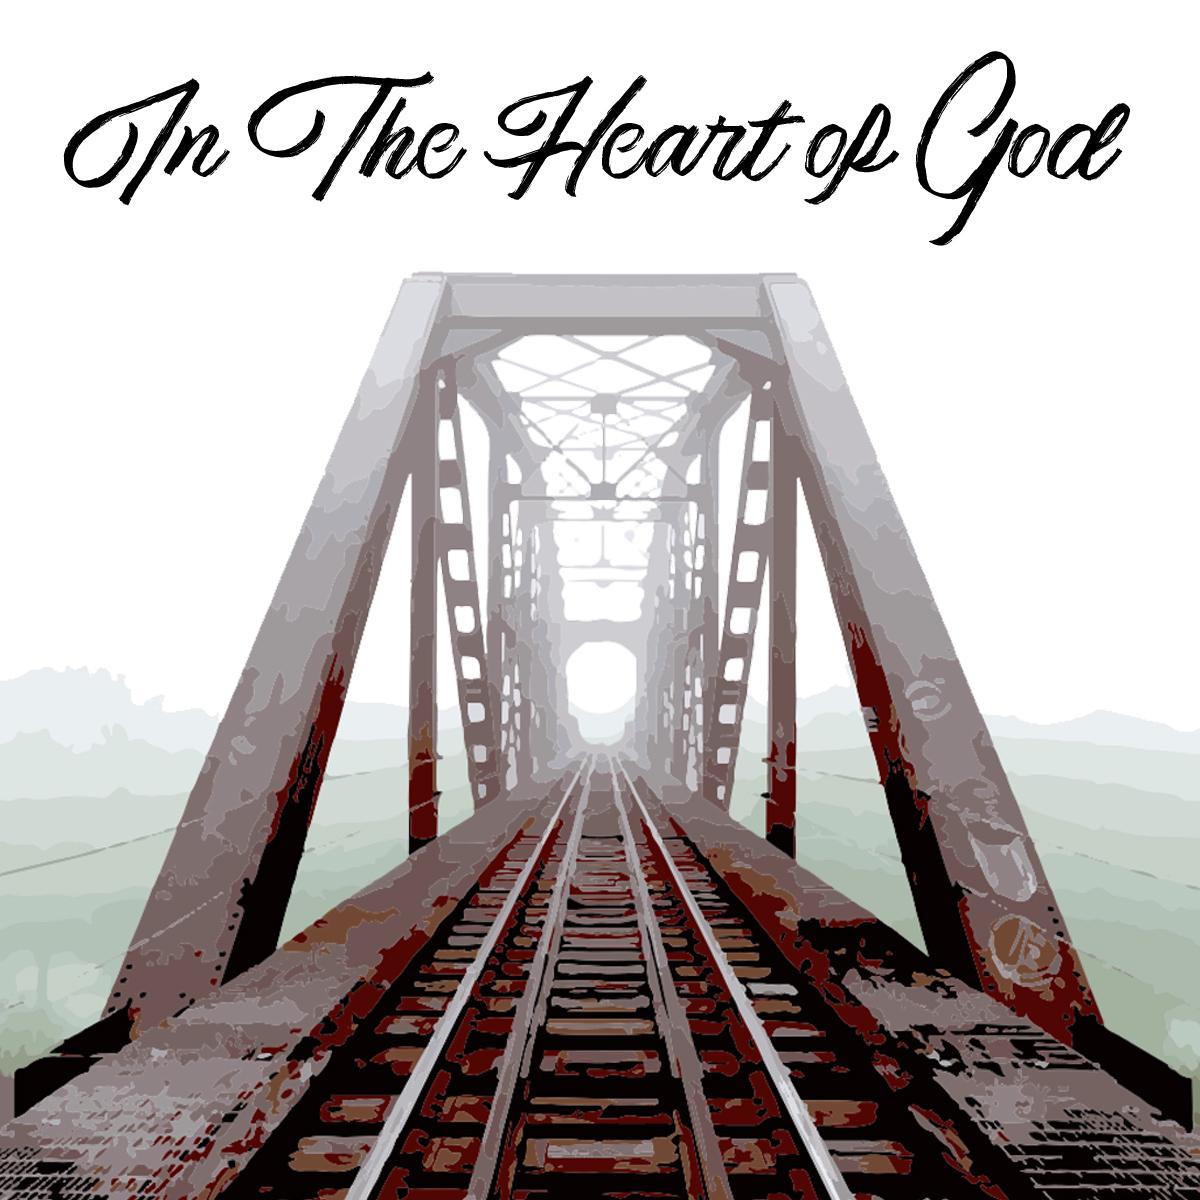 in the heart of god.jpg